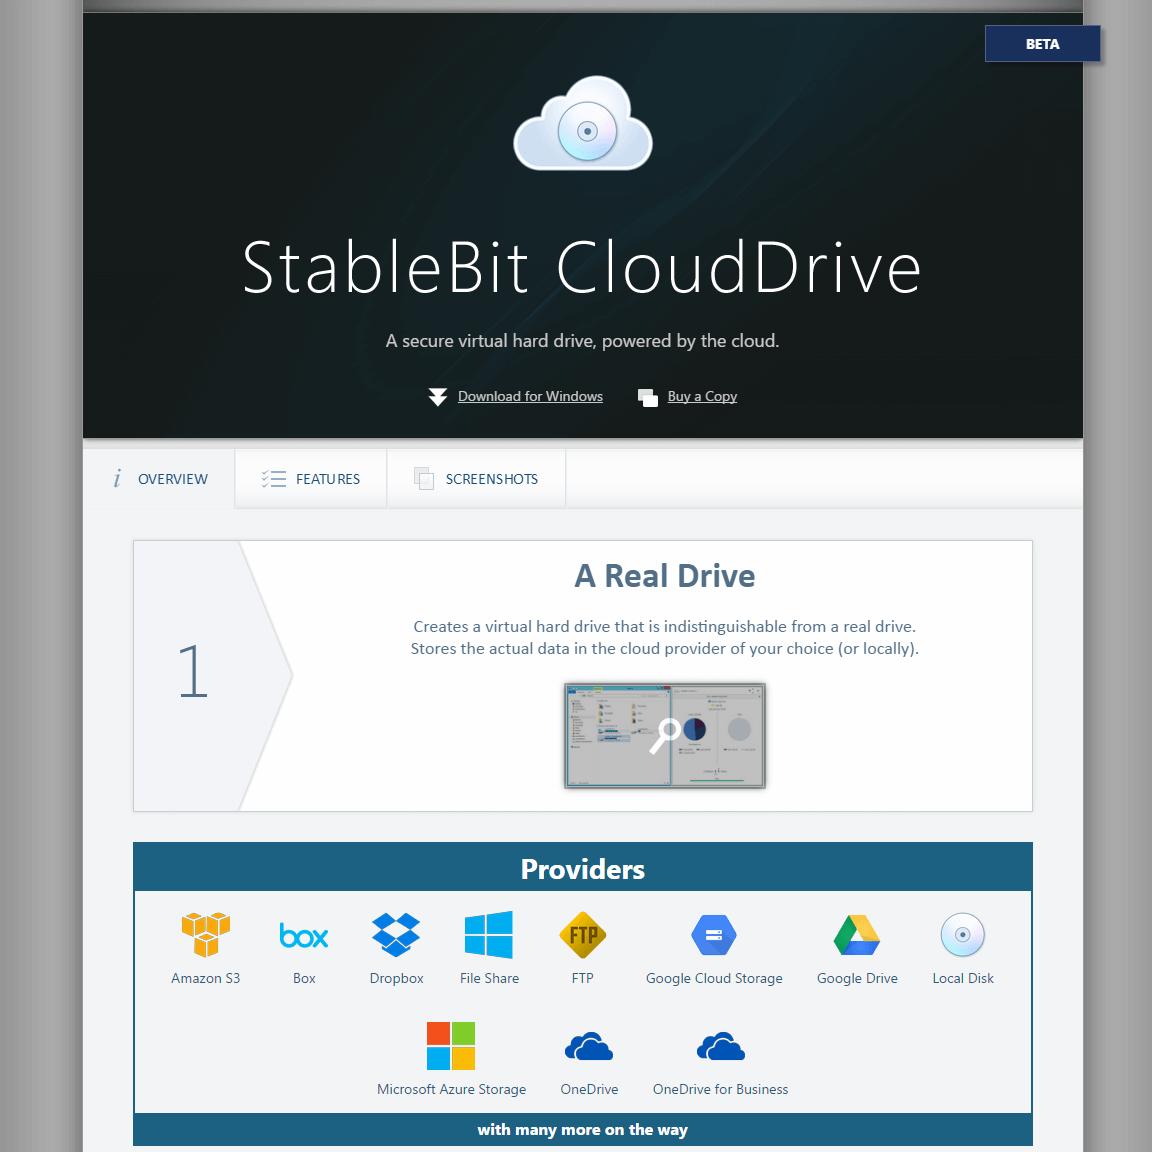 StableBit CloudDrive Review - September 2019 - Cloudee Reviews